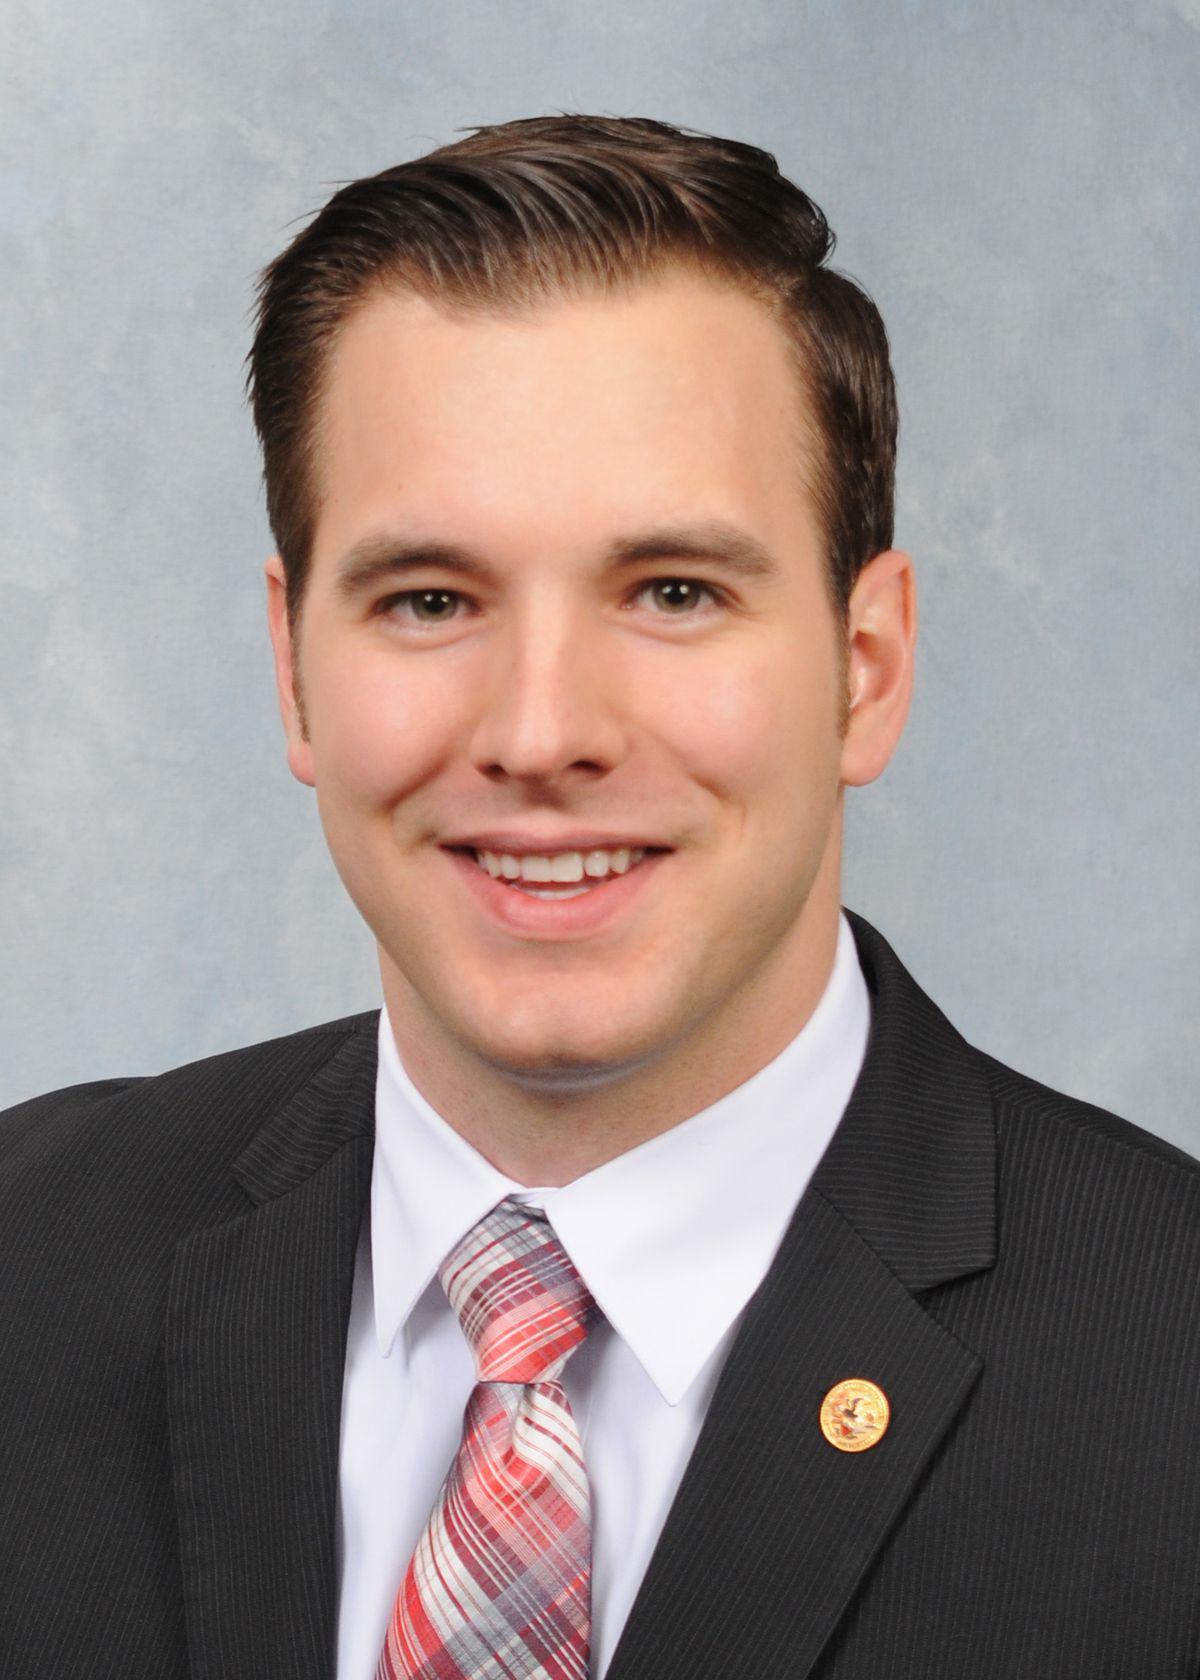 State Rep. David Welter, R-Morris